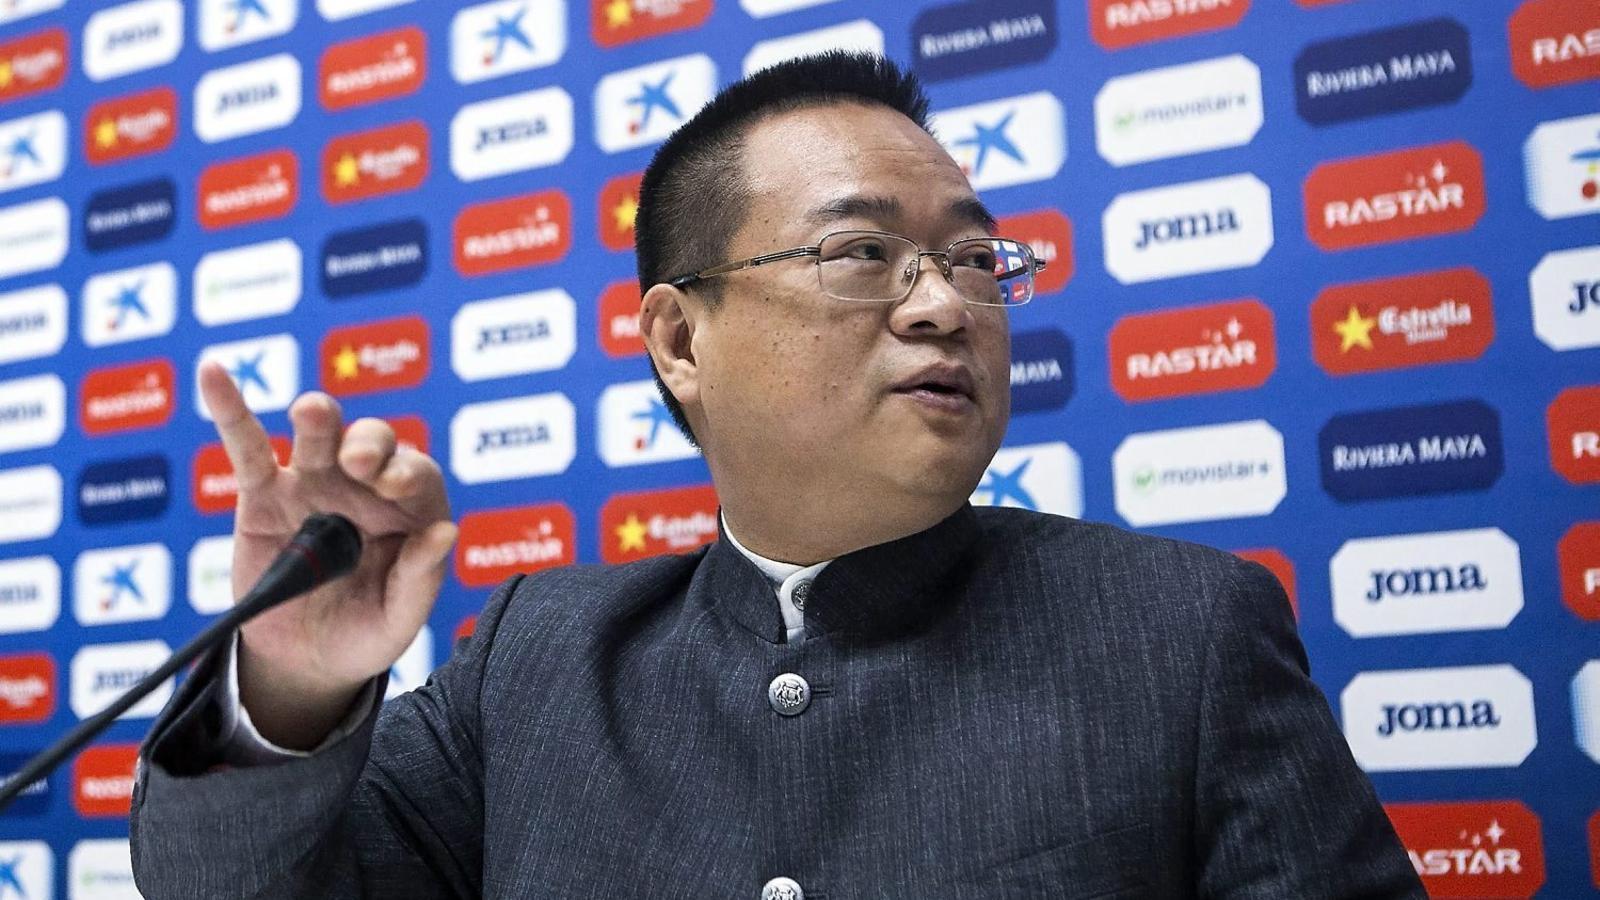 Chen Yansheng va convertir-se al gener en el primer propietari estranger de la història del club, després de succeir Daniel Sánchez Llibre en el càrrec.